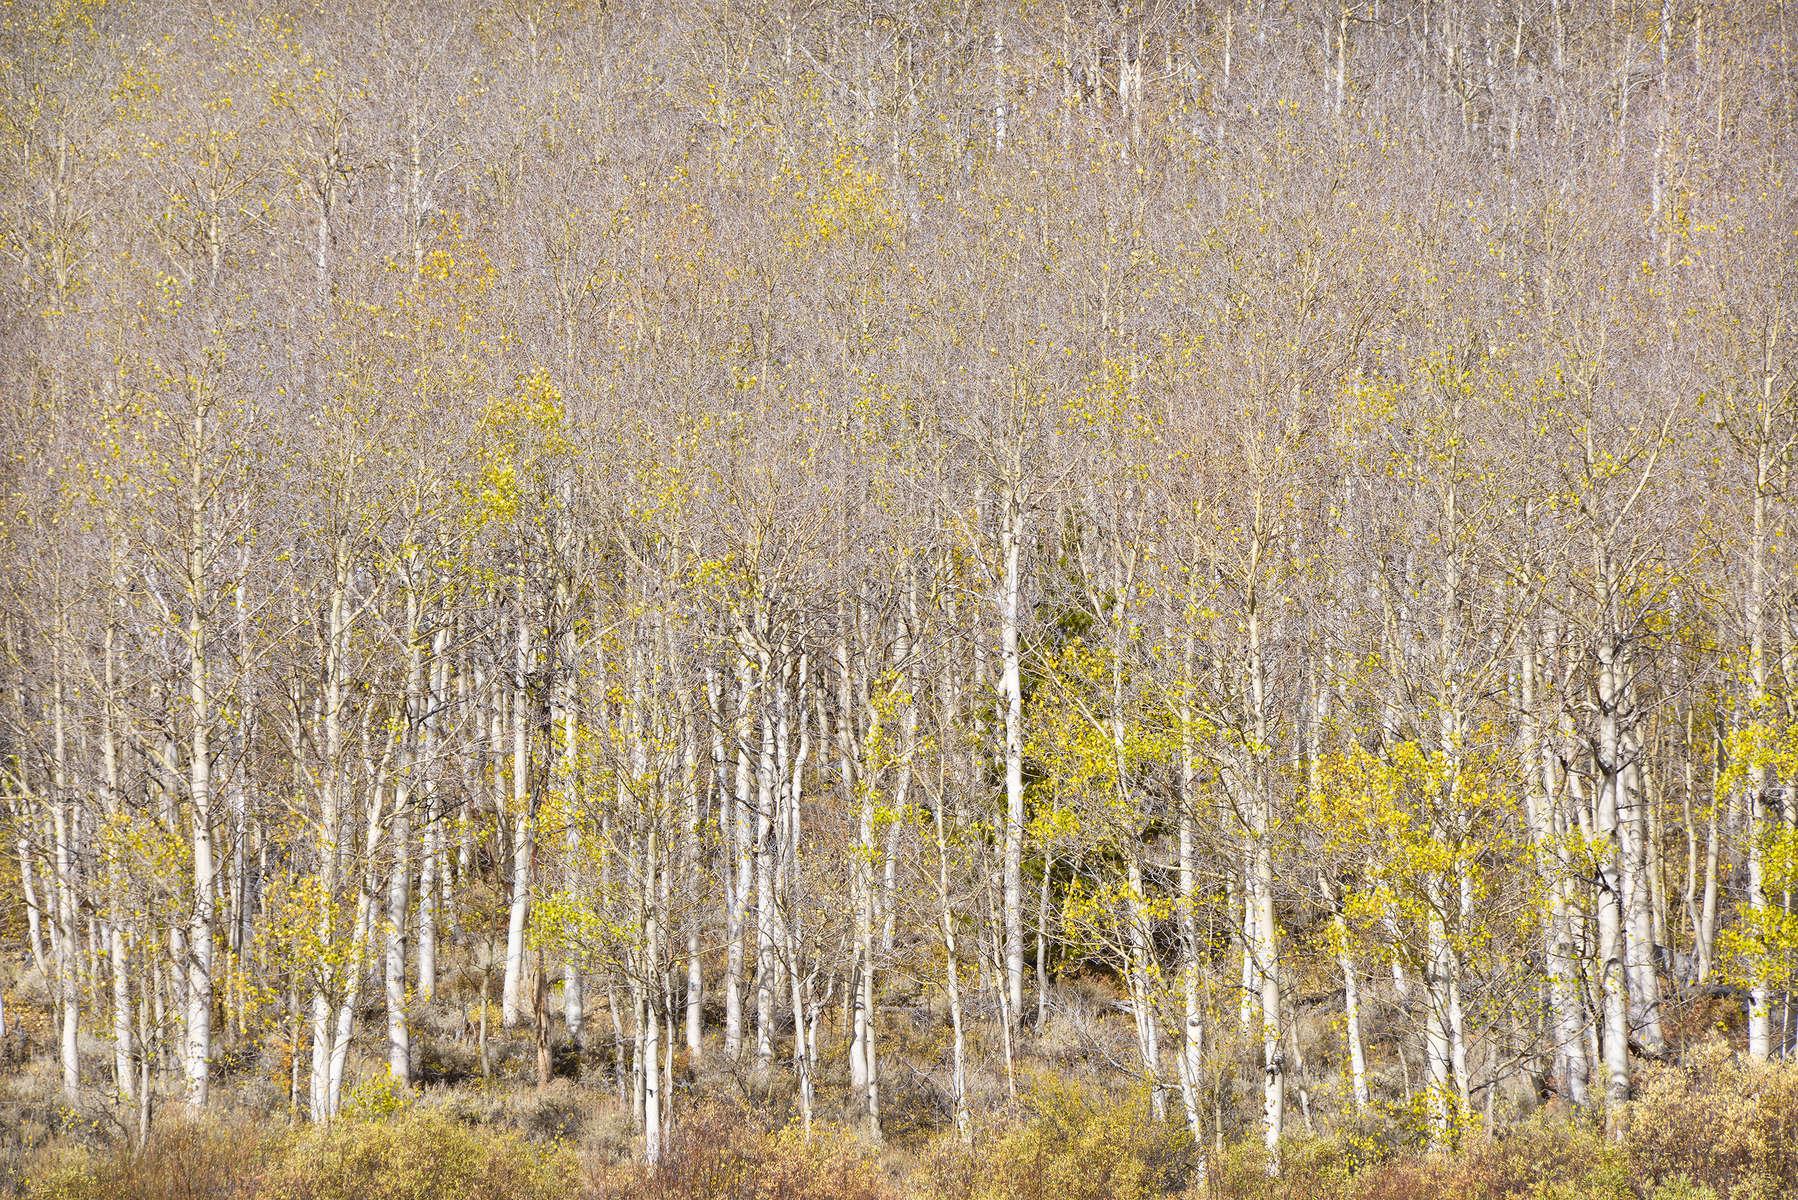 395-Eastern-Sierra-Aspen-Trees---Dead-Stand-1-for-Web